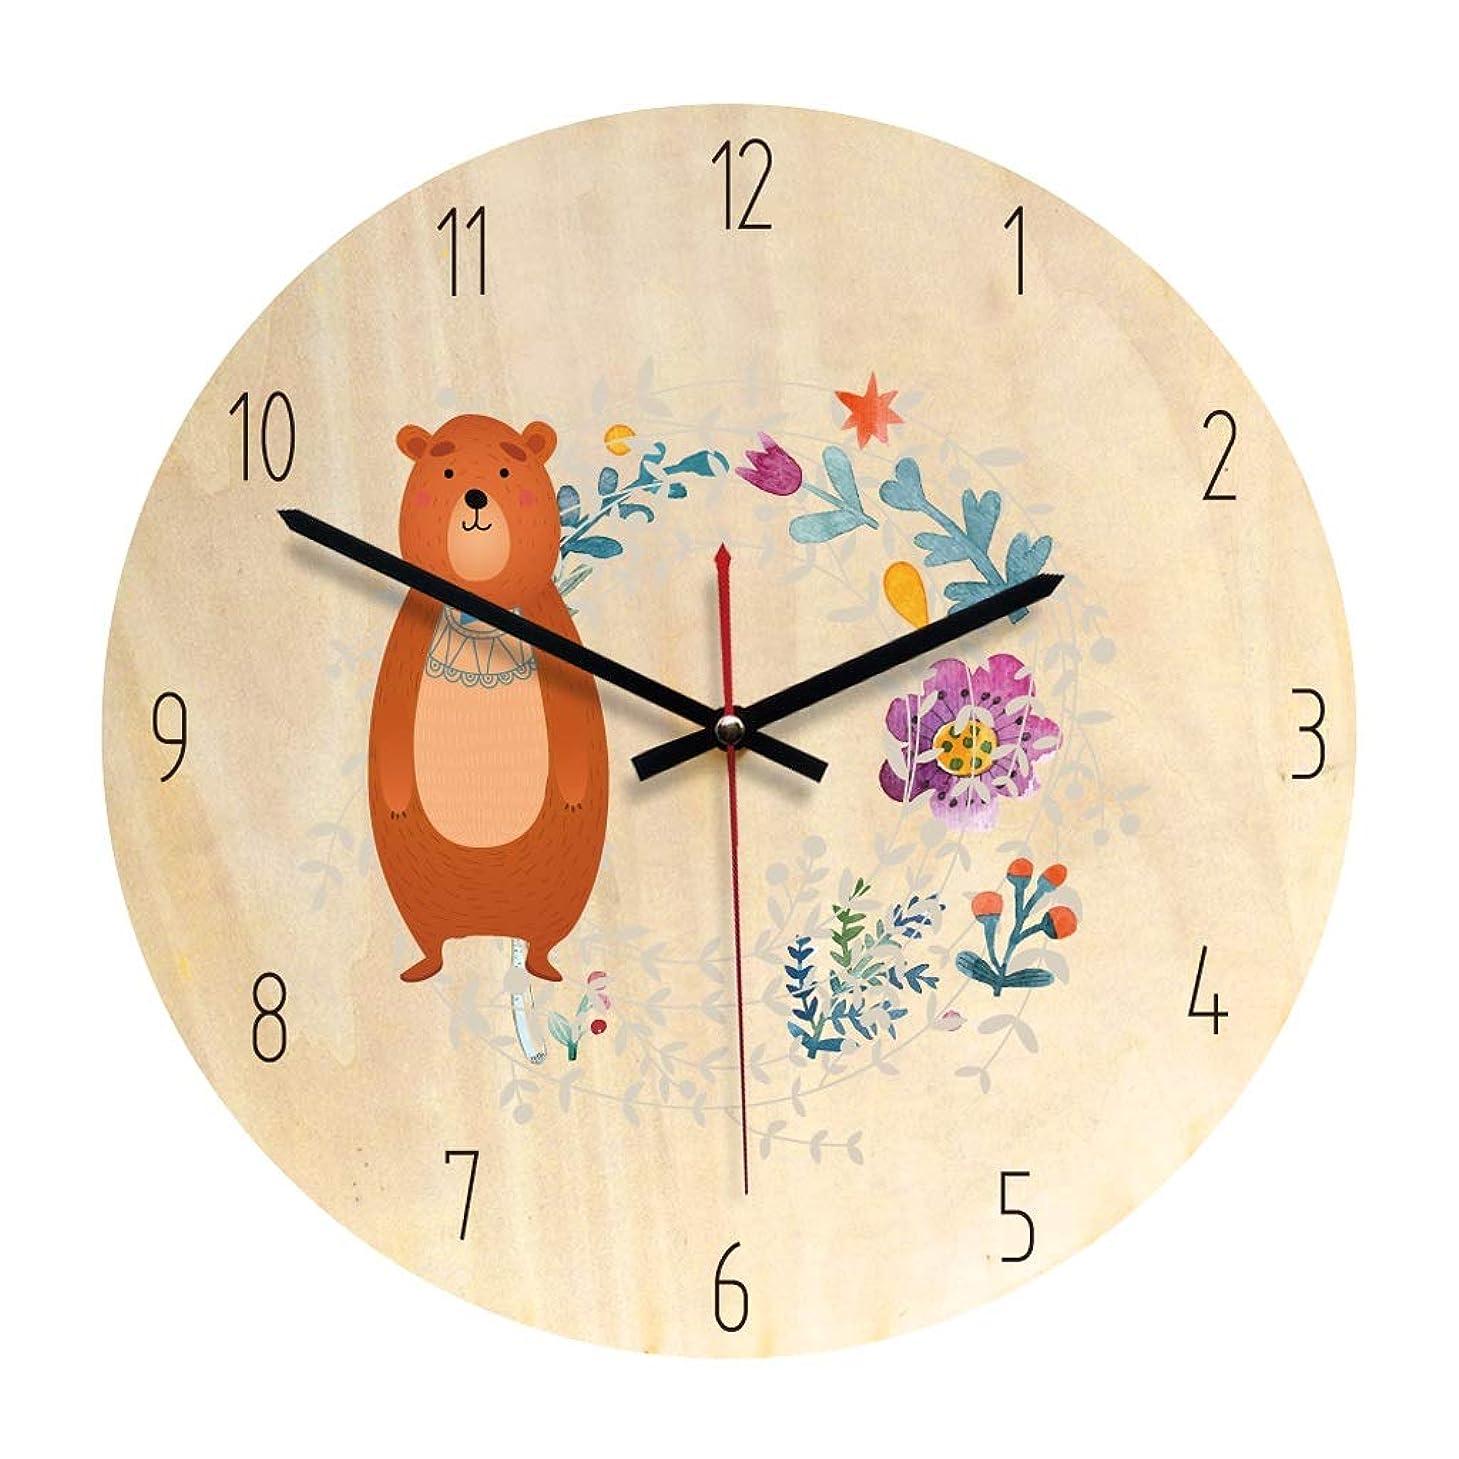 写真を描く農奴意気消沈した壁時計木製ミュート時計リビングルーム時計装飾壁時計 JSFQ (Color : A)